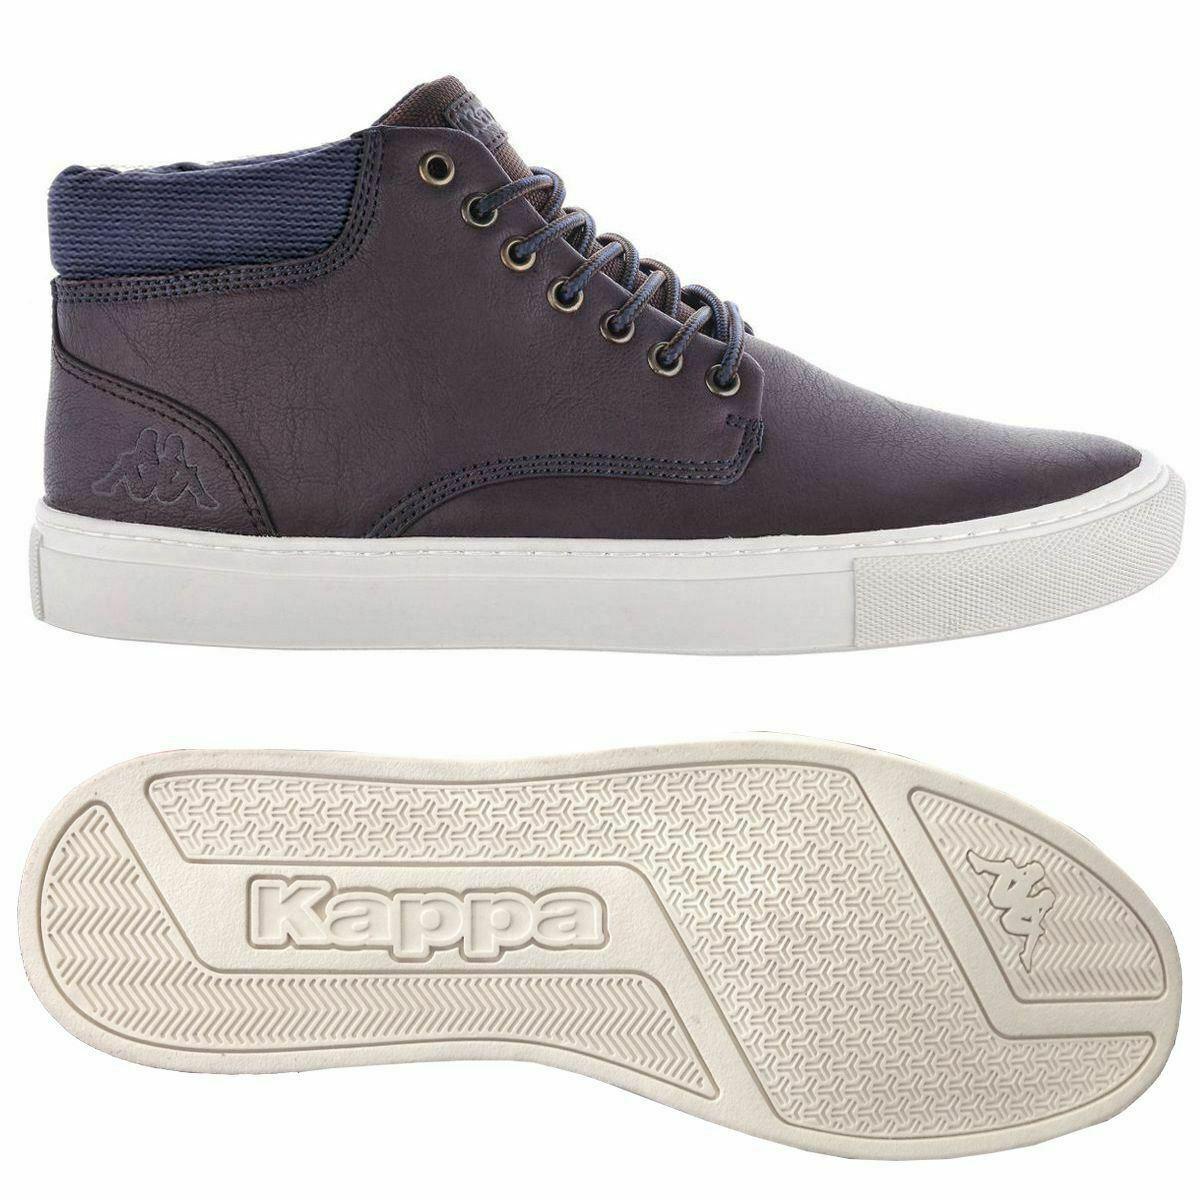 Botines Kappa Varios Colores solo 24.9€ (desde Europa)